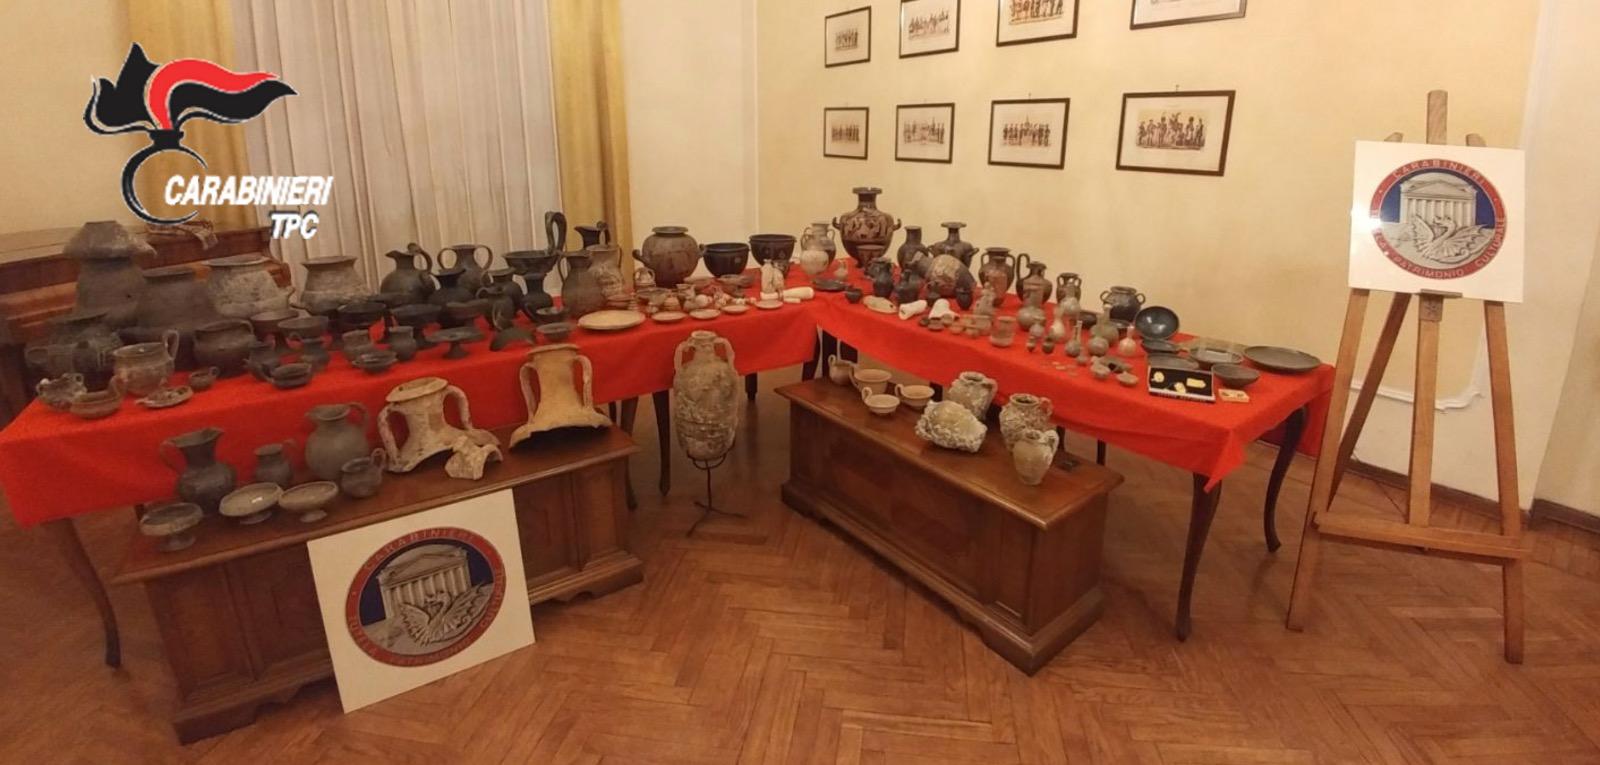 Litigano per l'eredità e i carabinieri scoprono un tesoro archeologico